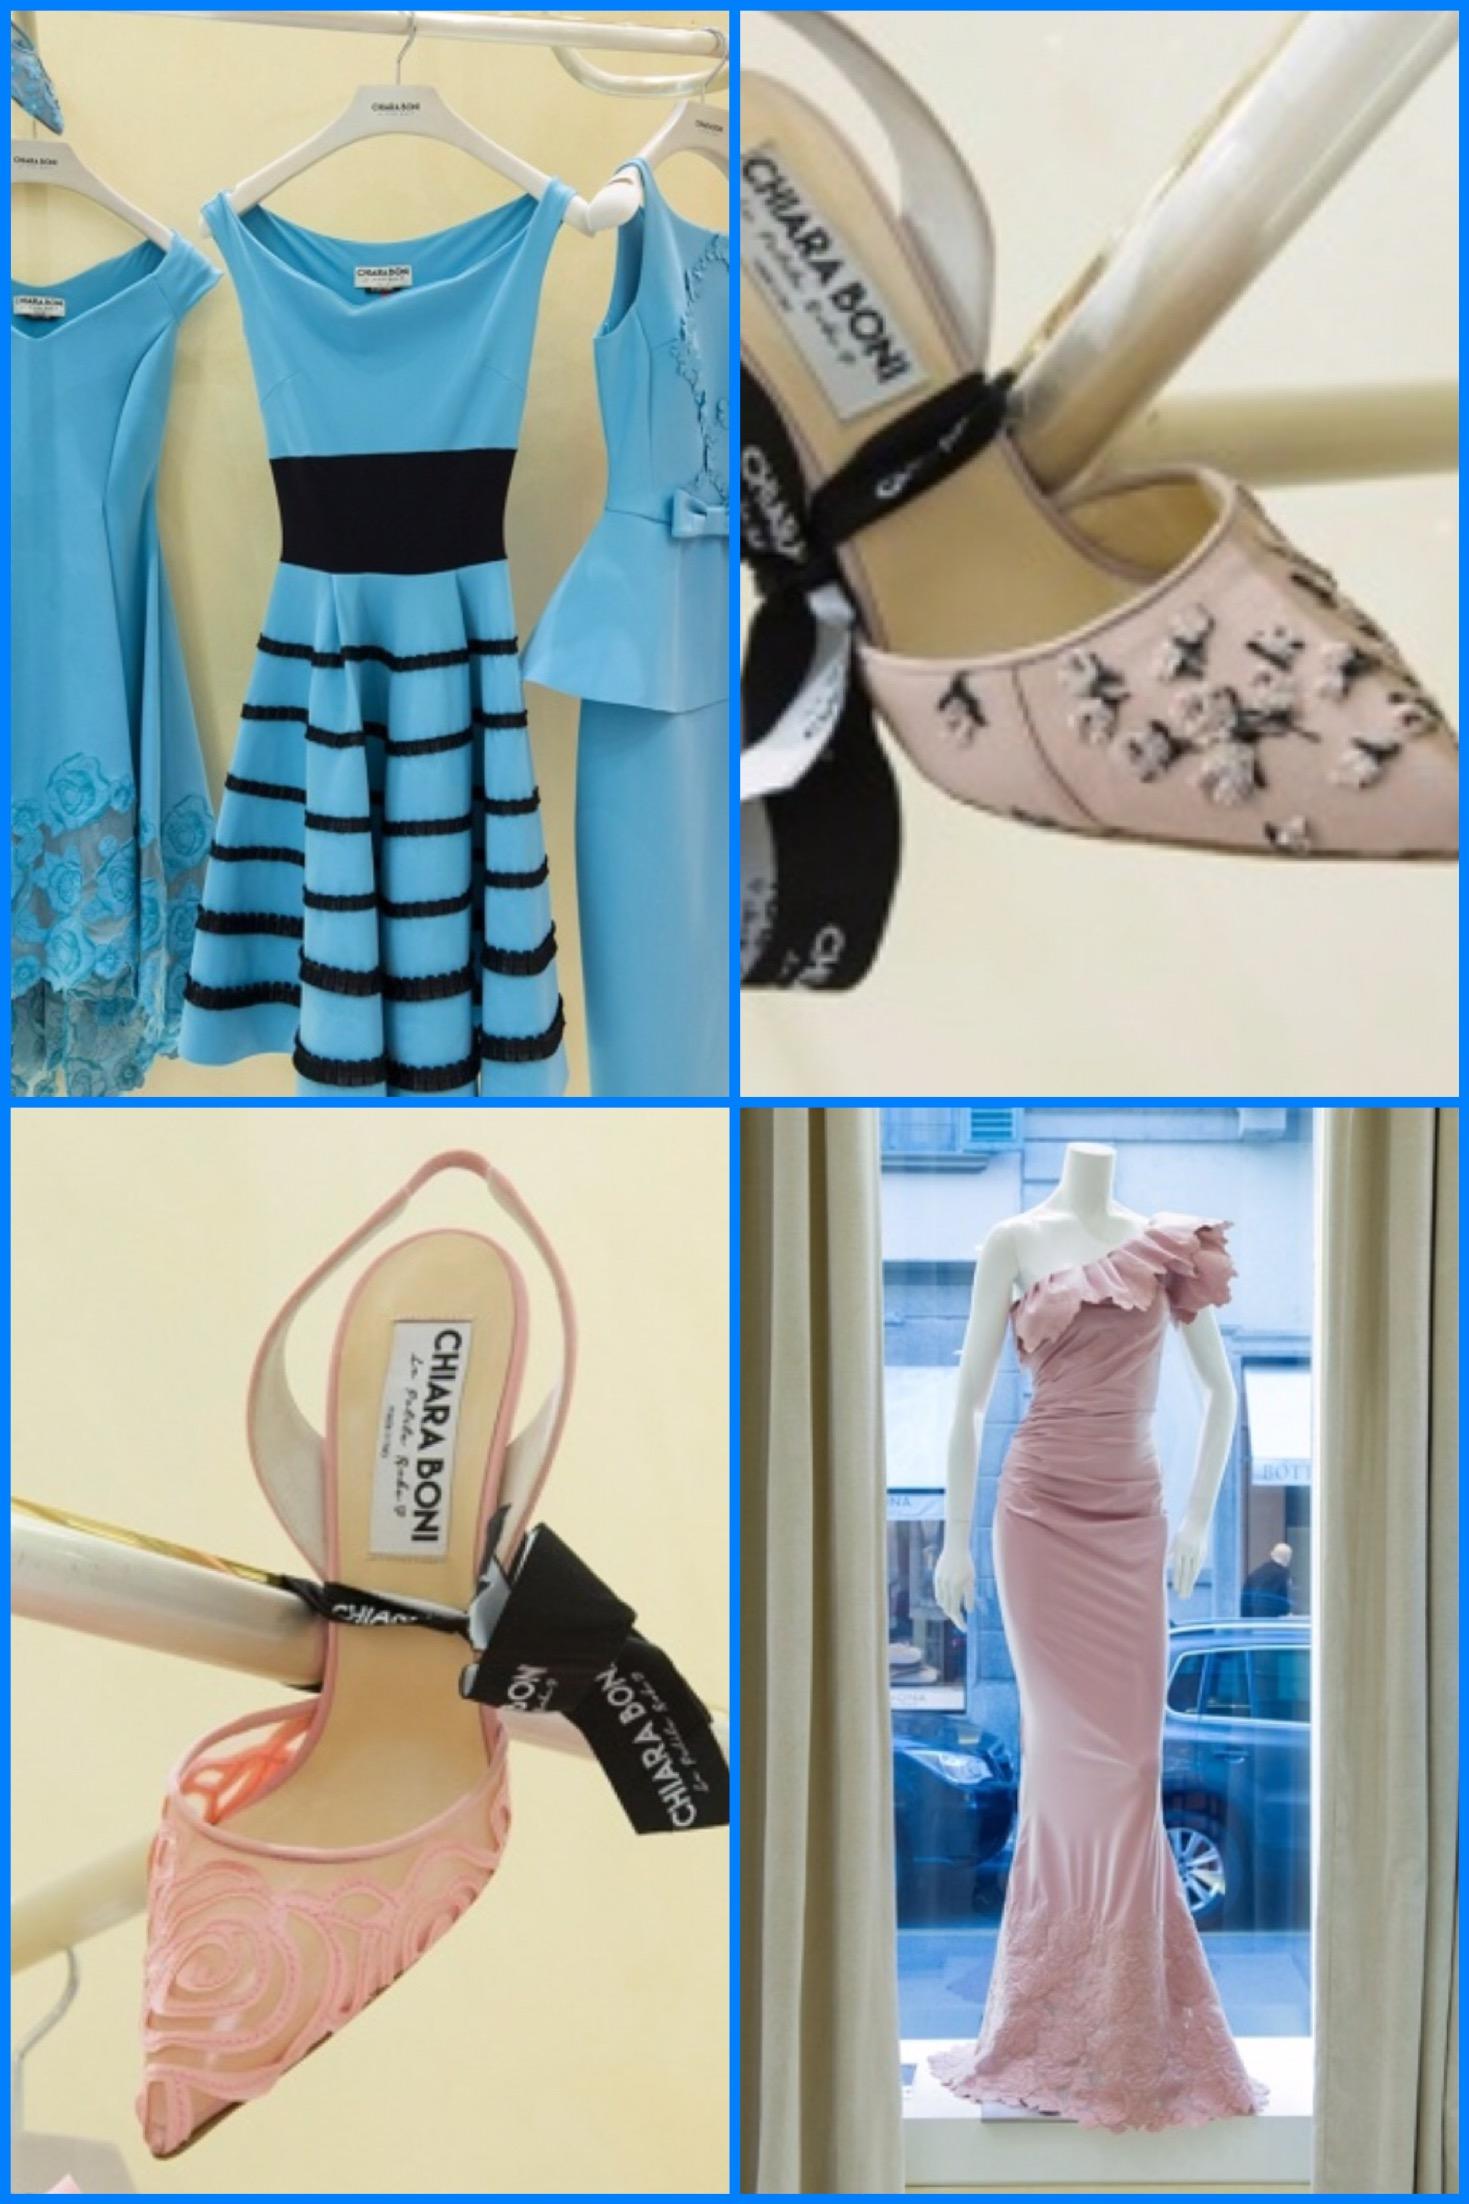 milano-fashion-week-pret-a-porter-spring-summer-2017-style-la-petite-robe-di-chiara-boni